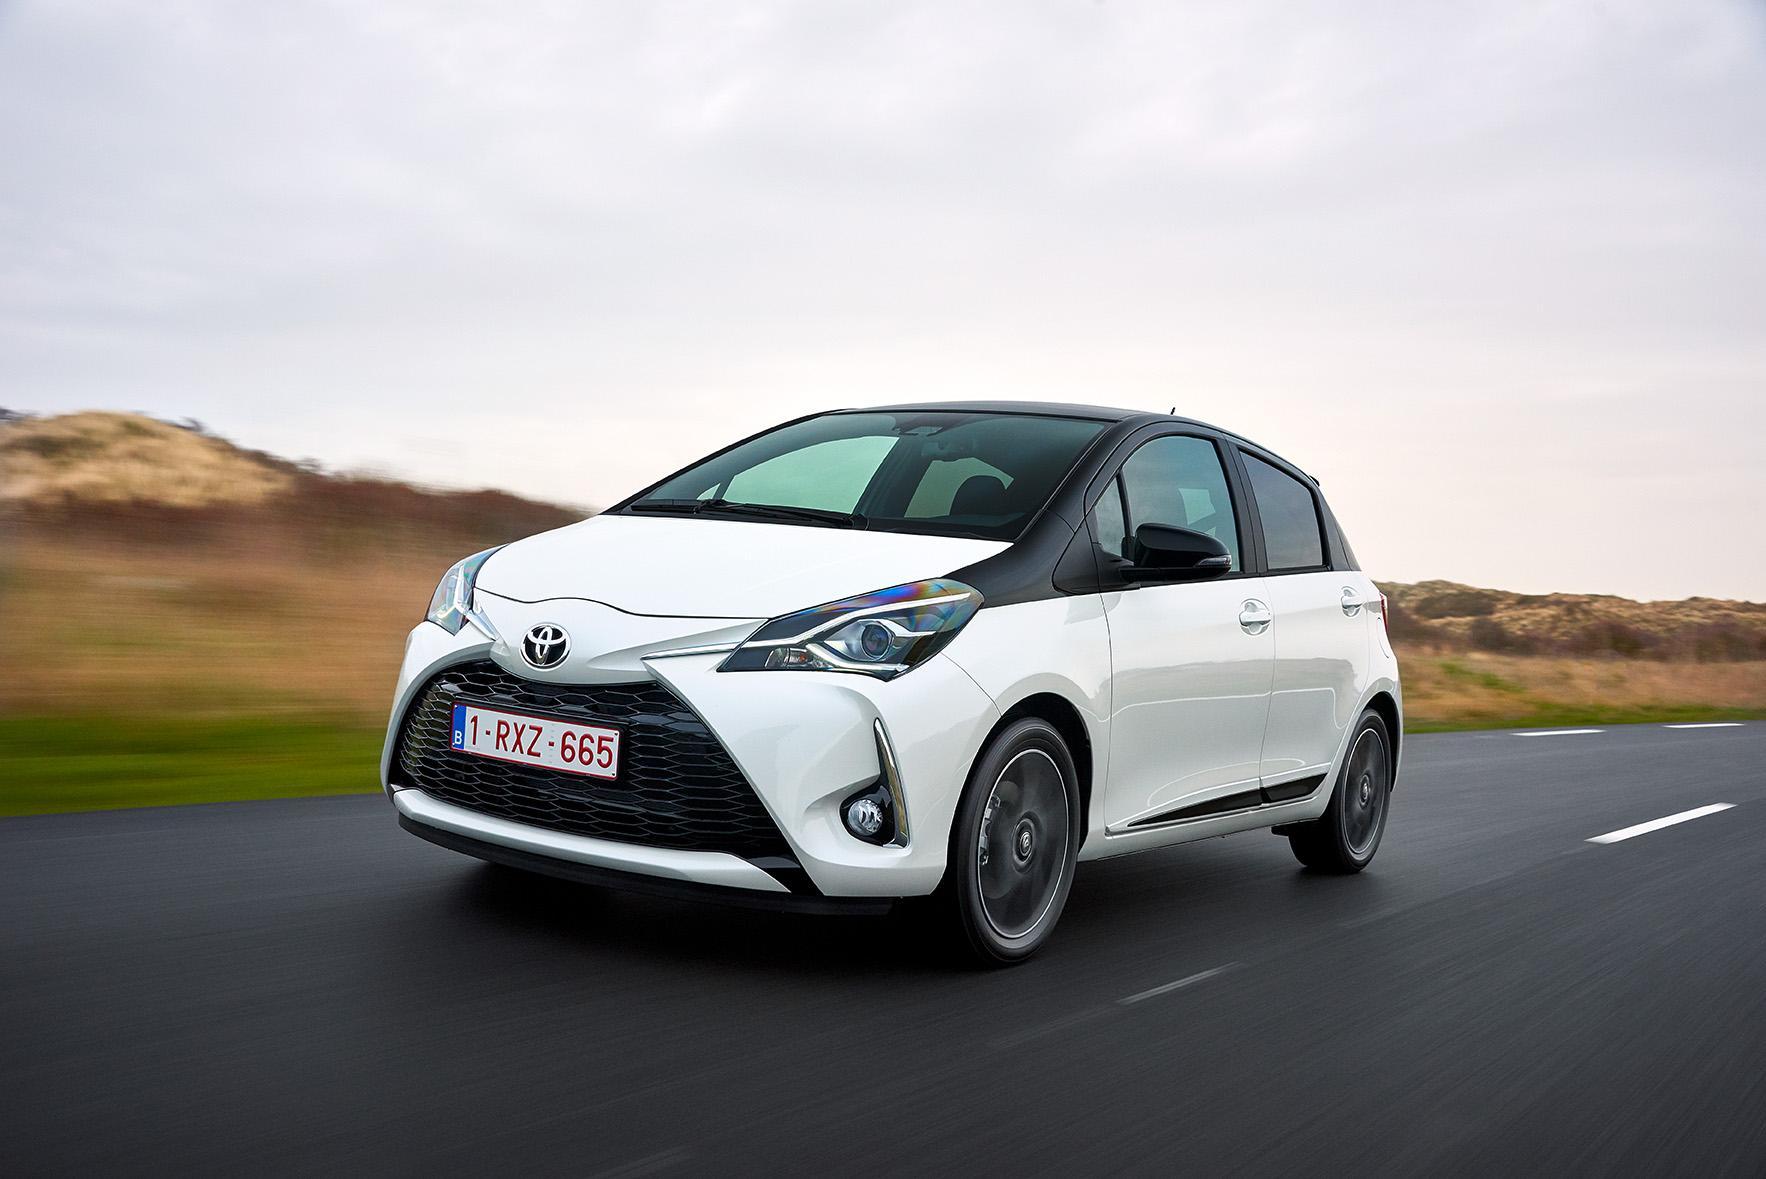 Toyota Yaris: Alles andere als eine rollende Verzichtserklärung